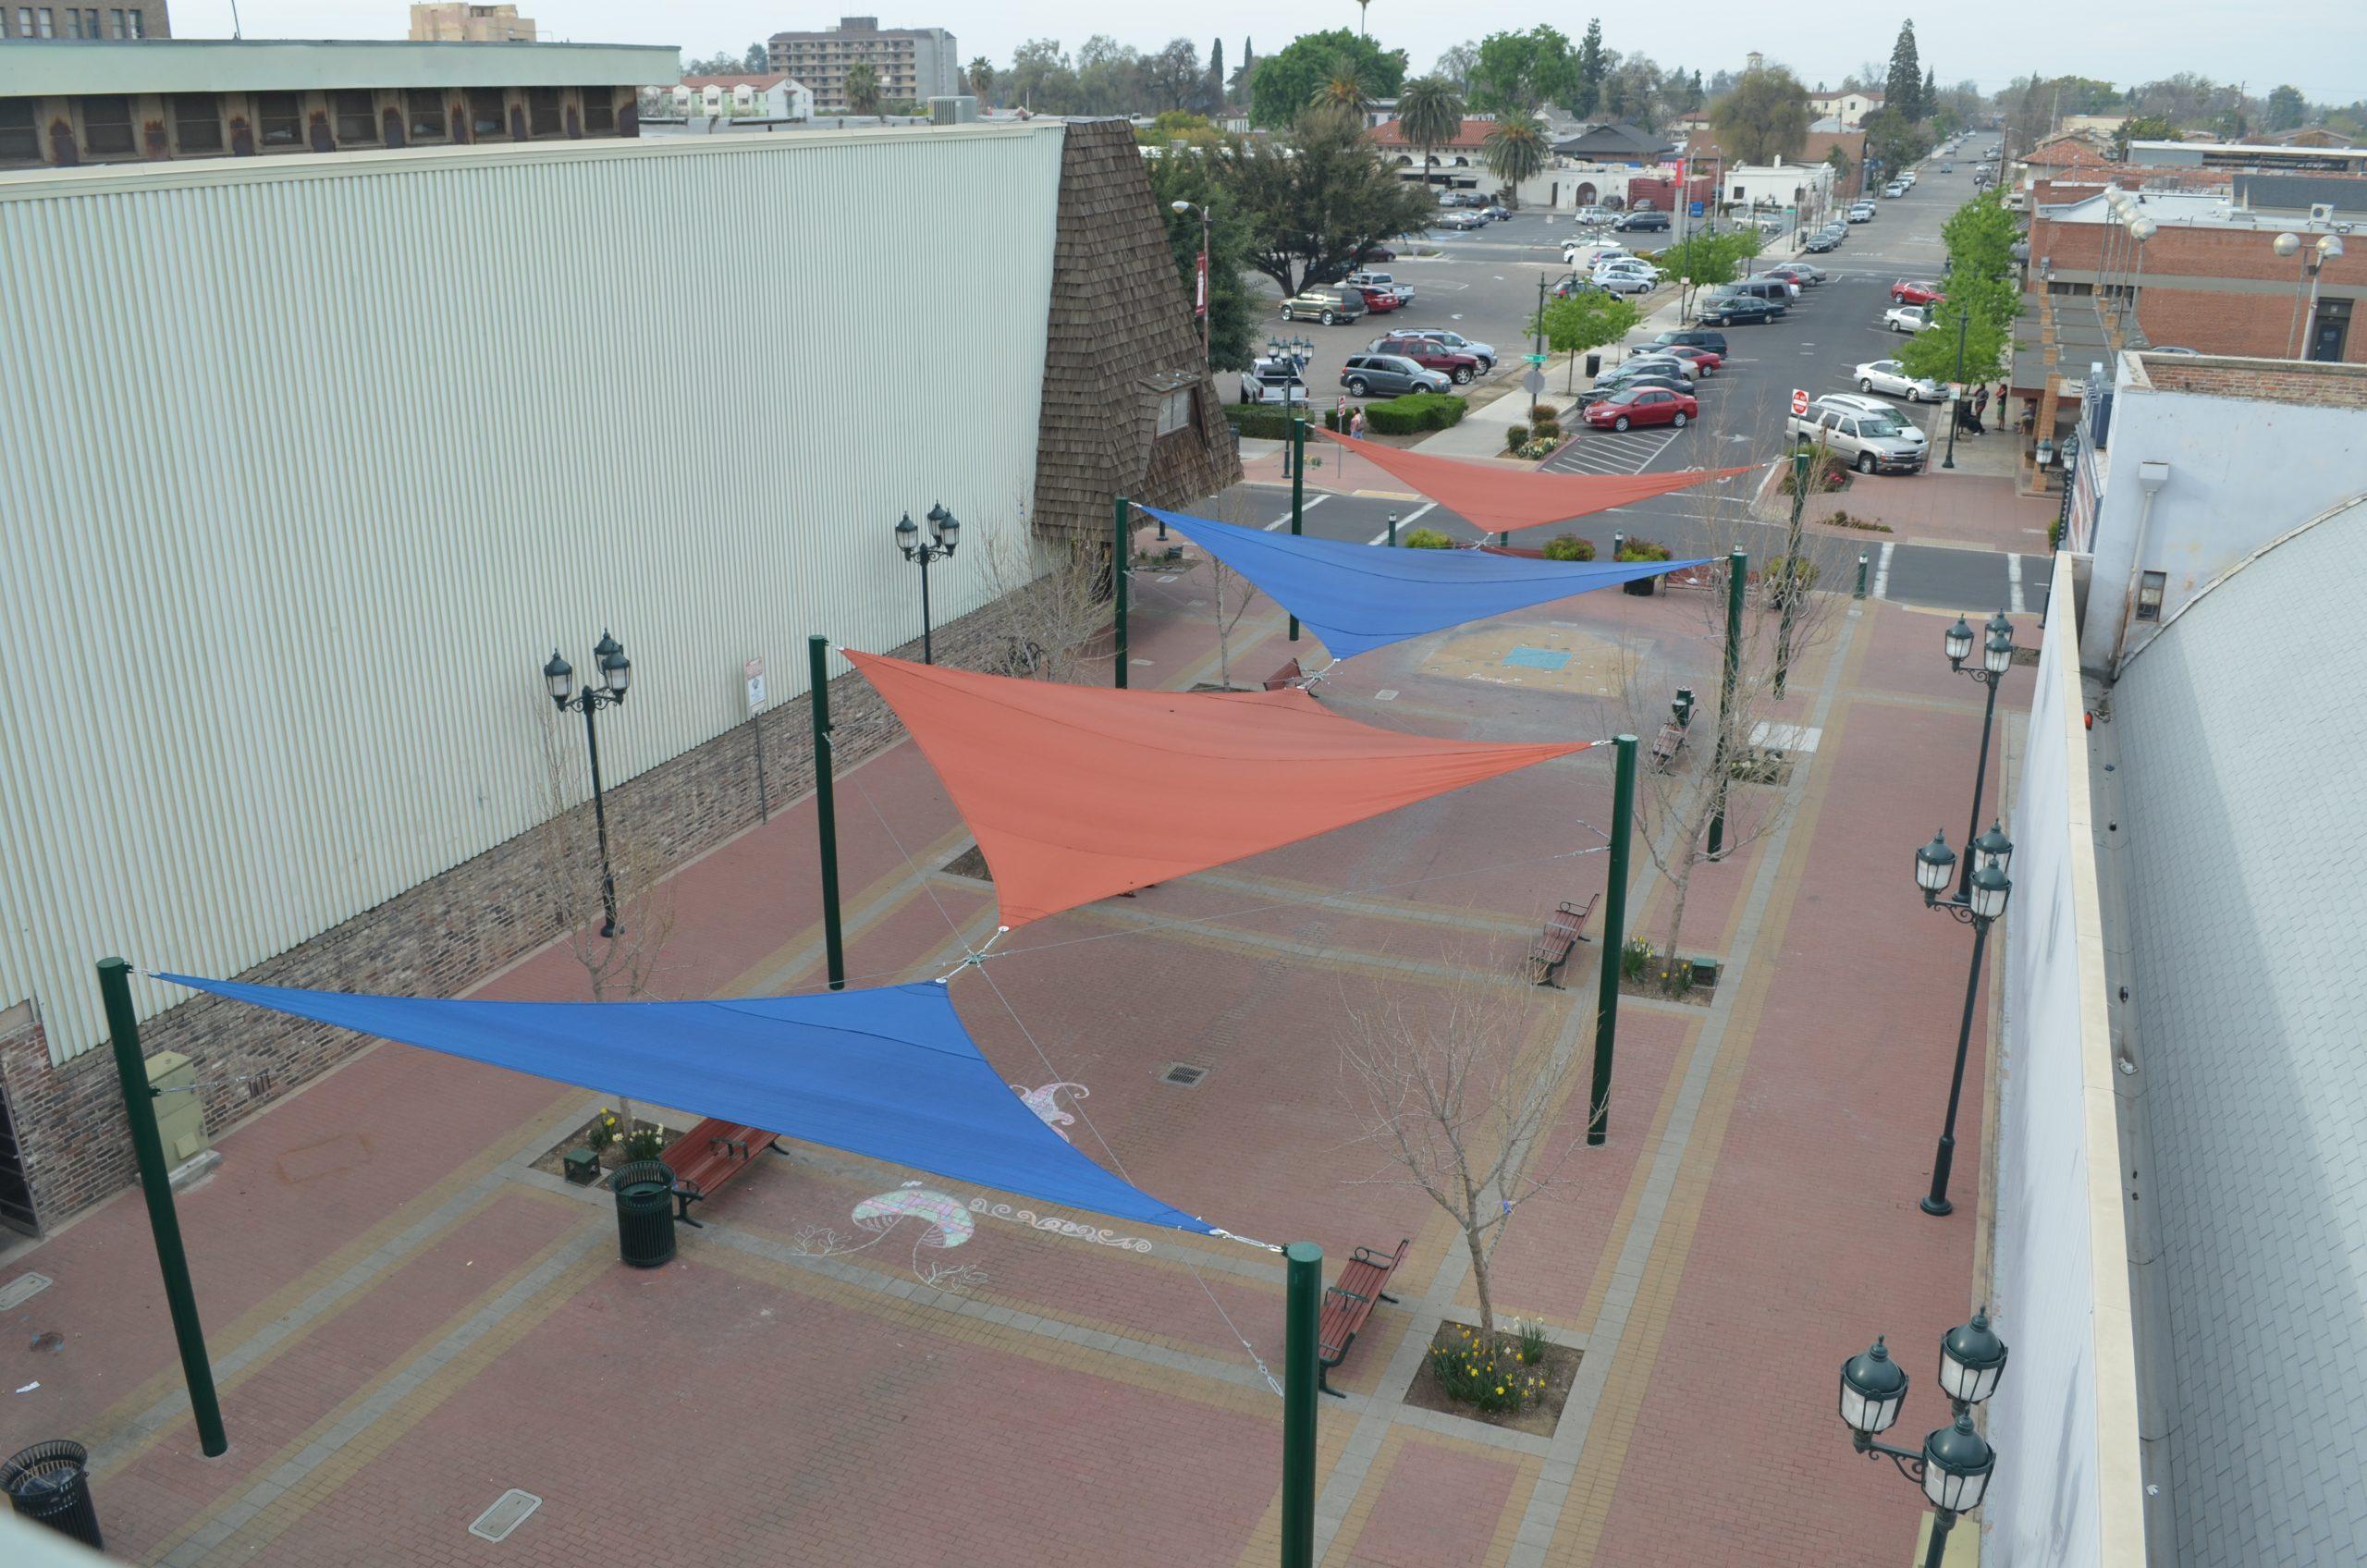 Visalia Plaza 1